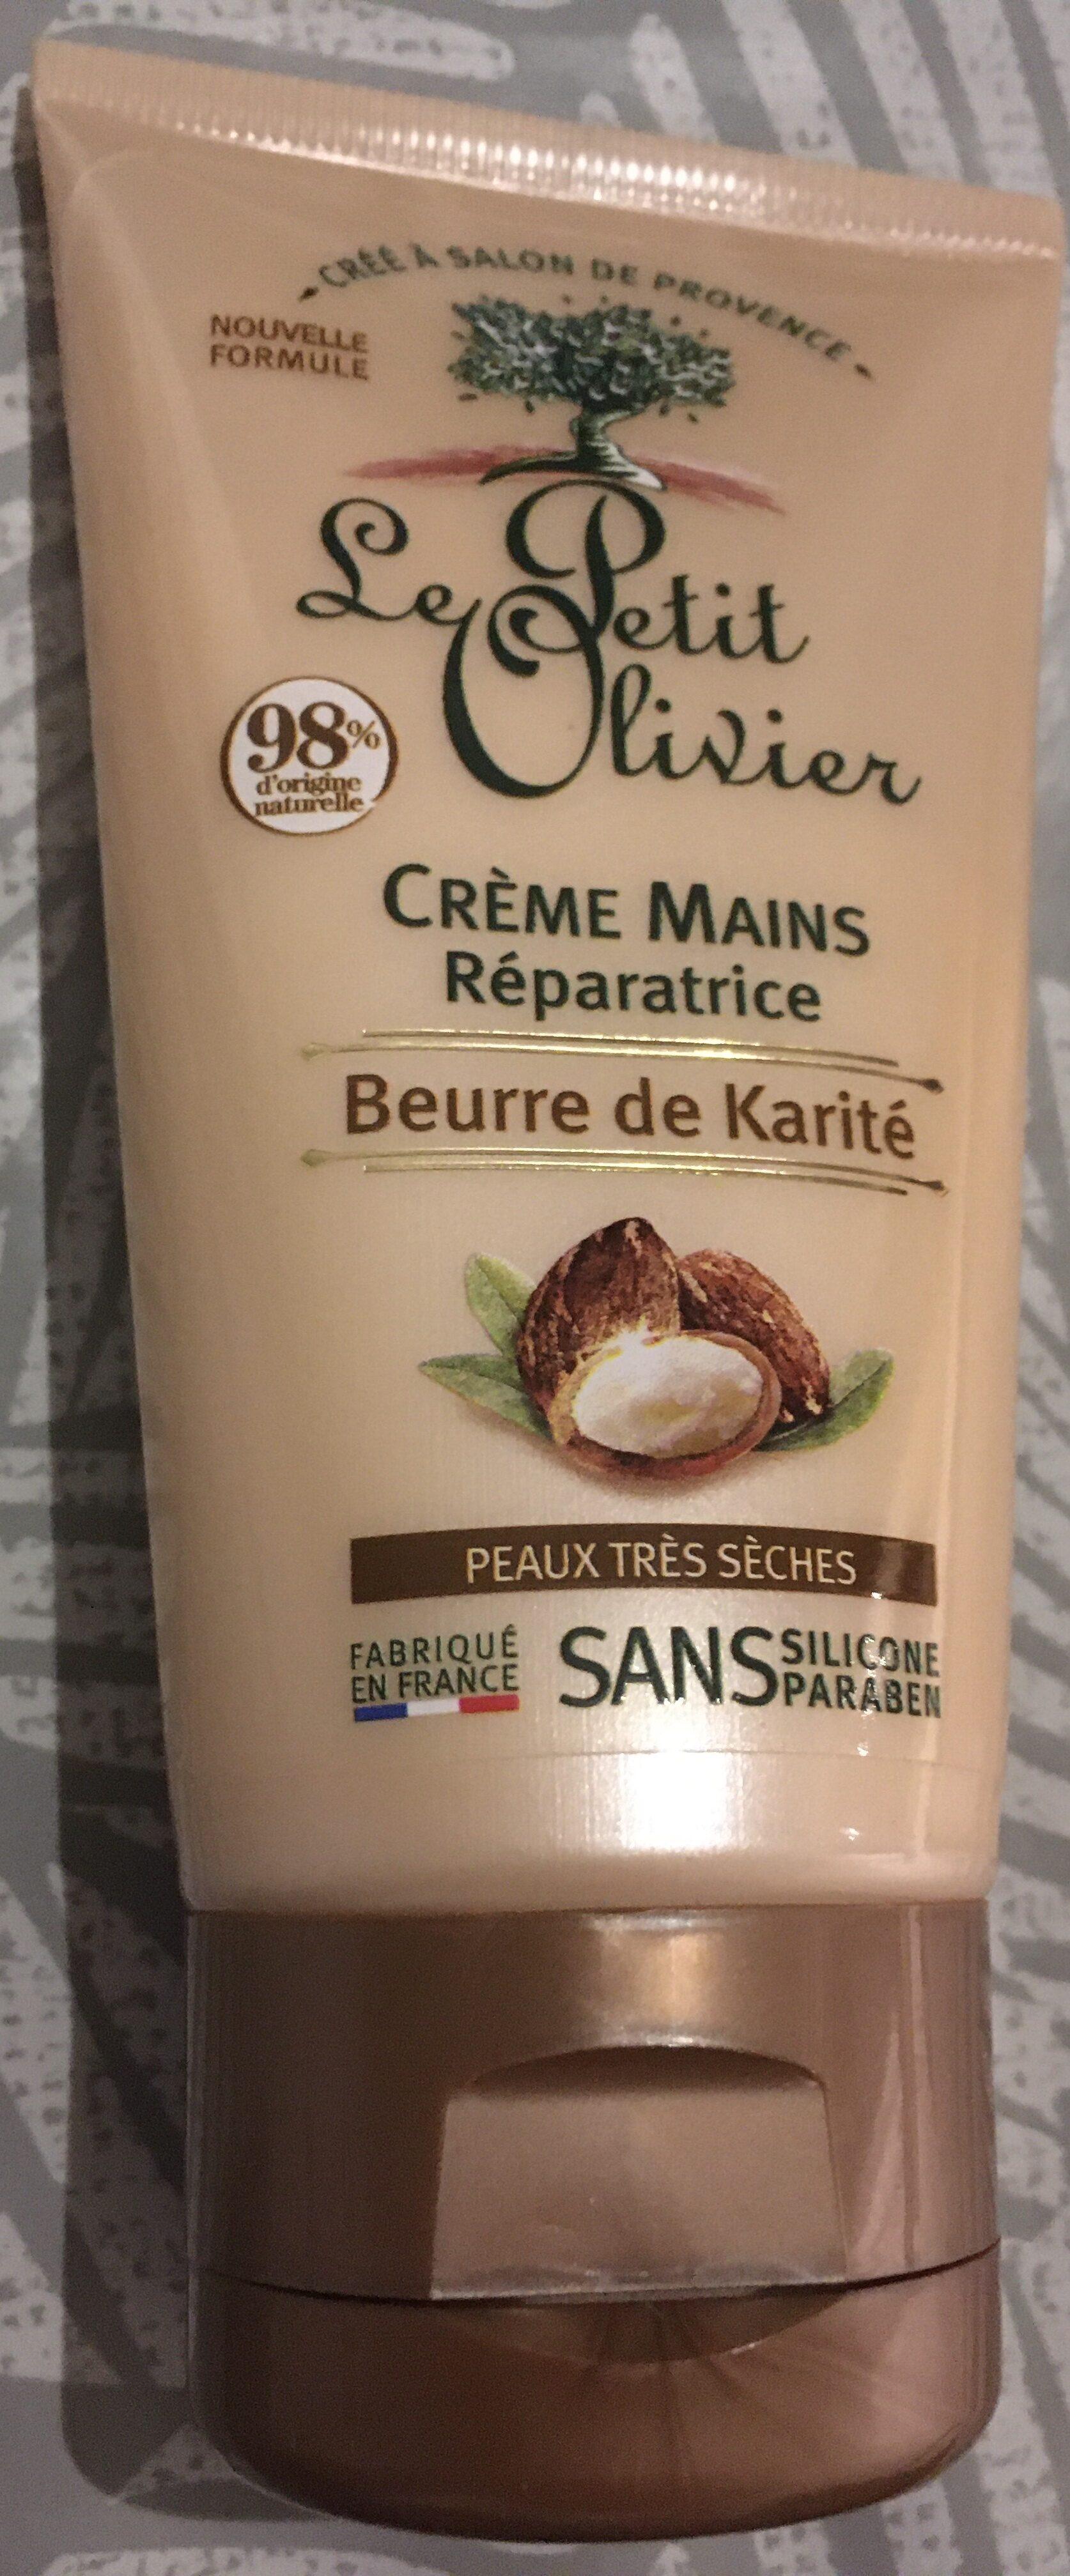 Crème mains réparatrice beurre de karité - Product - fr